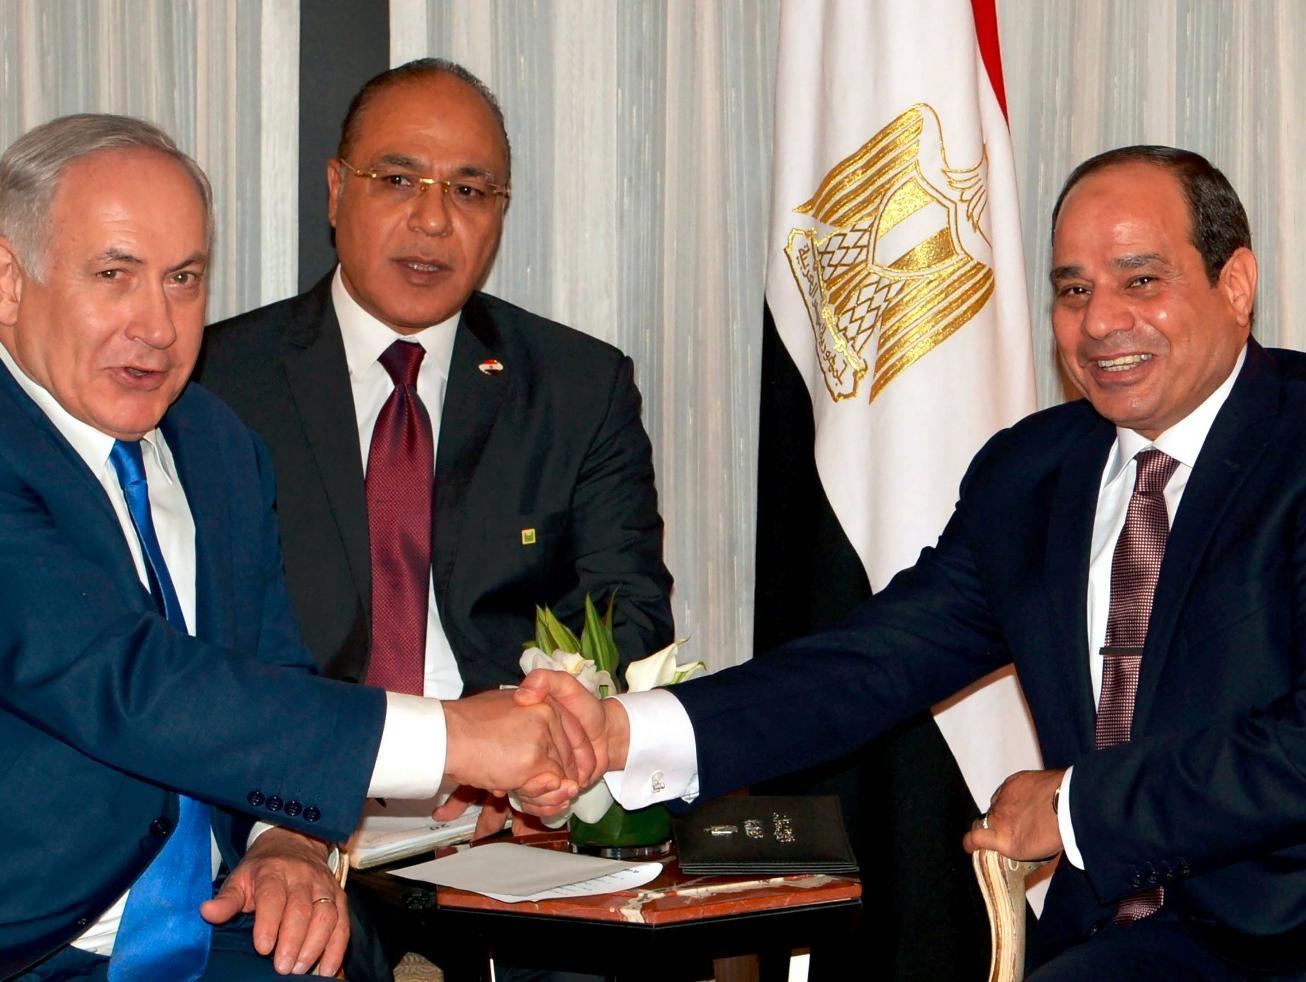 דיווח: נתניהו וא-סיסי נפגשו במצרים ודנו בהסדרה מדינית ברצועה